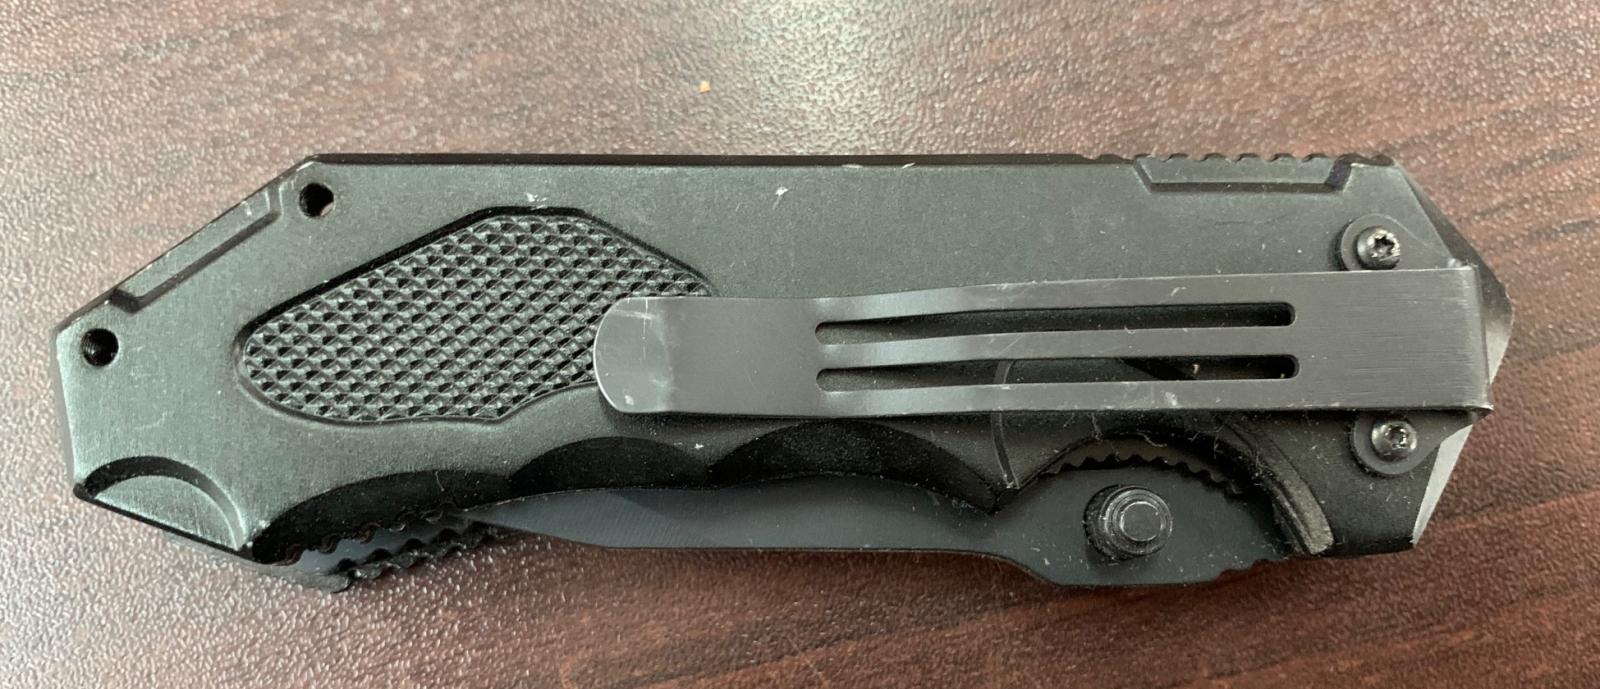 Тактический складной нож Boker с удобной рукояткой